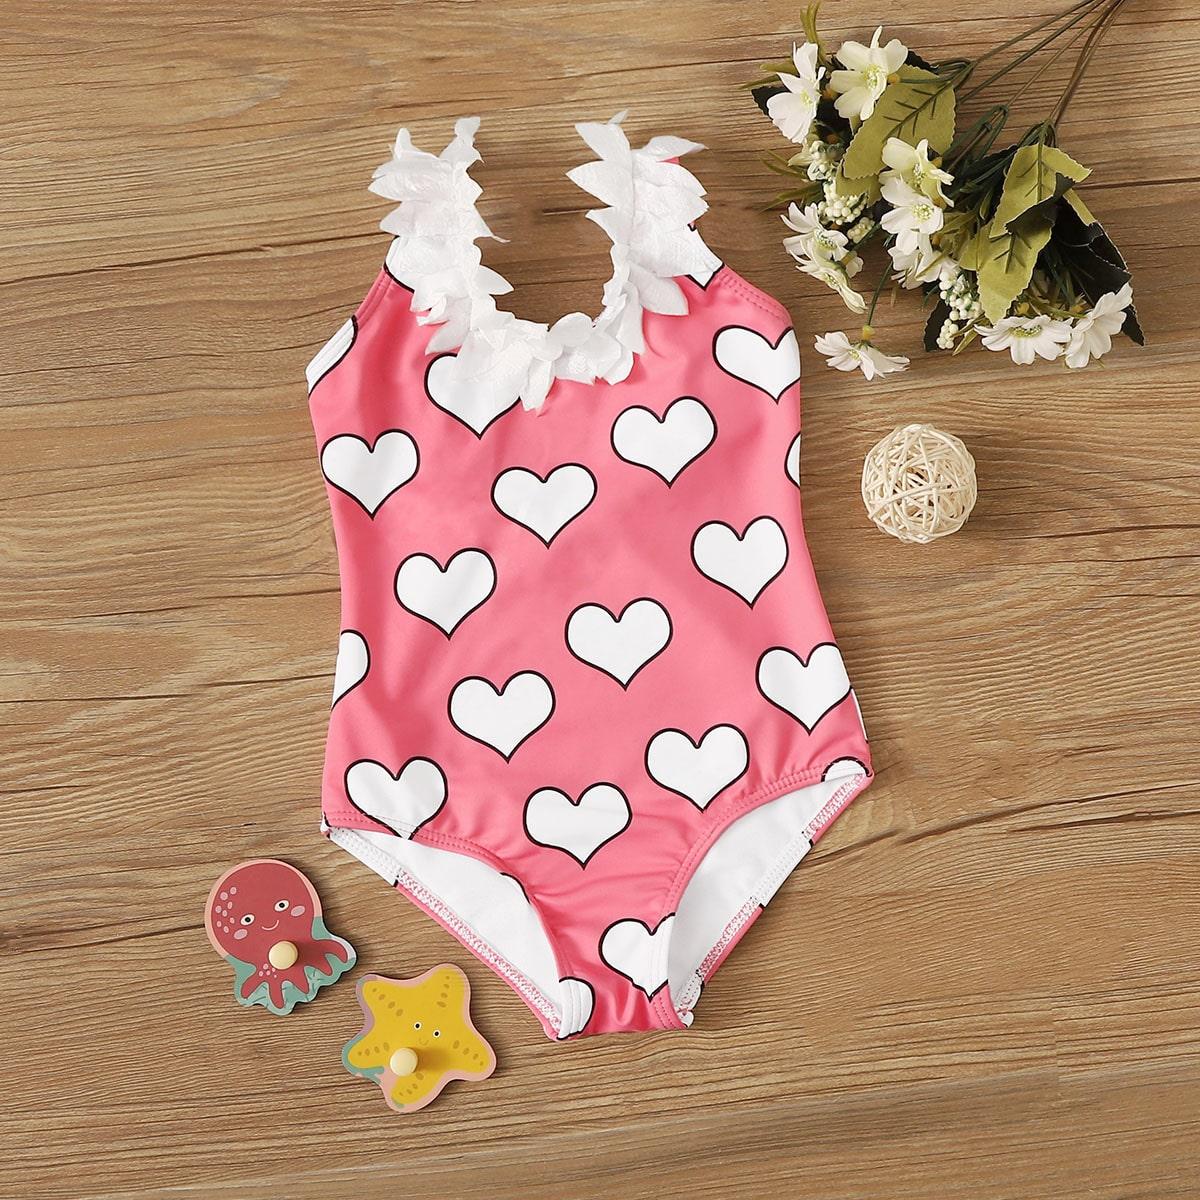 Badpak met hartjesprint voor babymeisjes